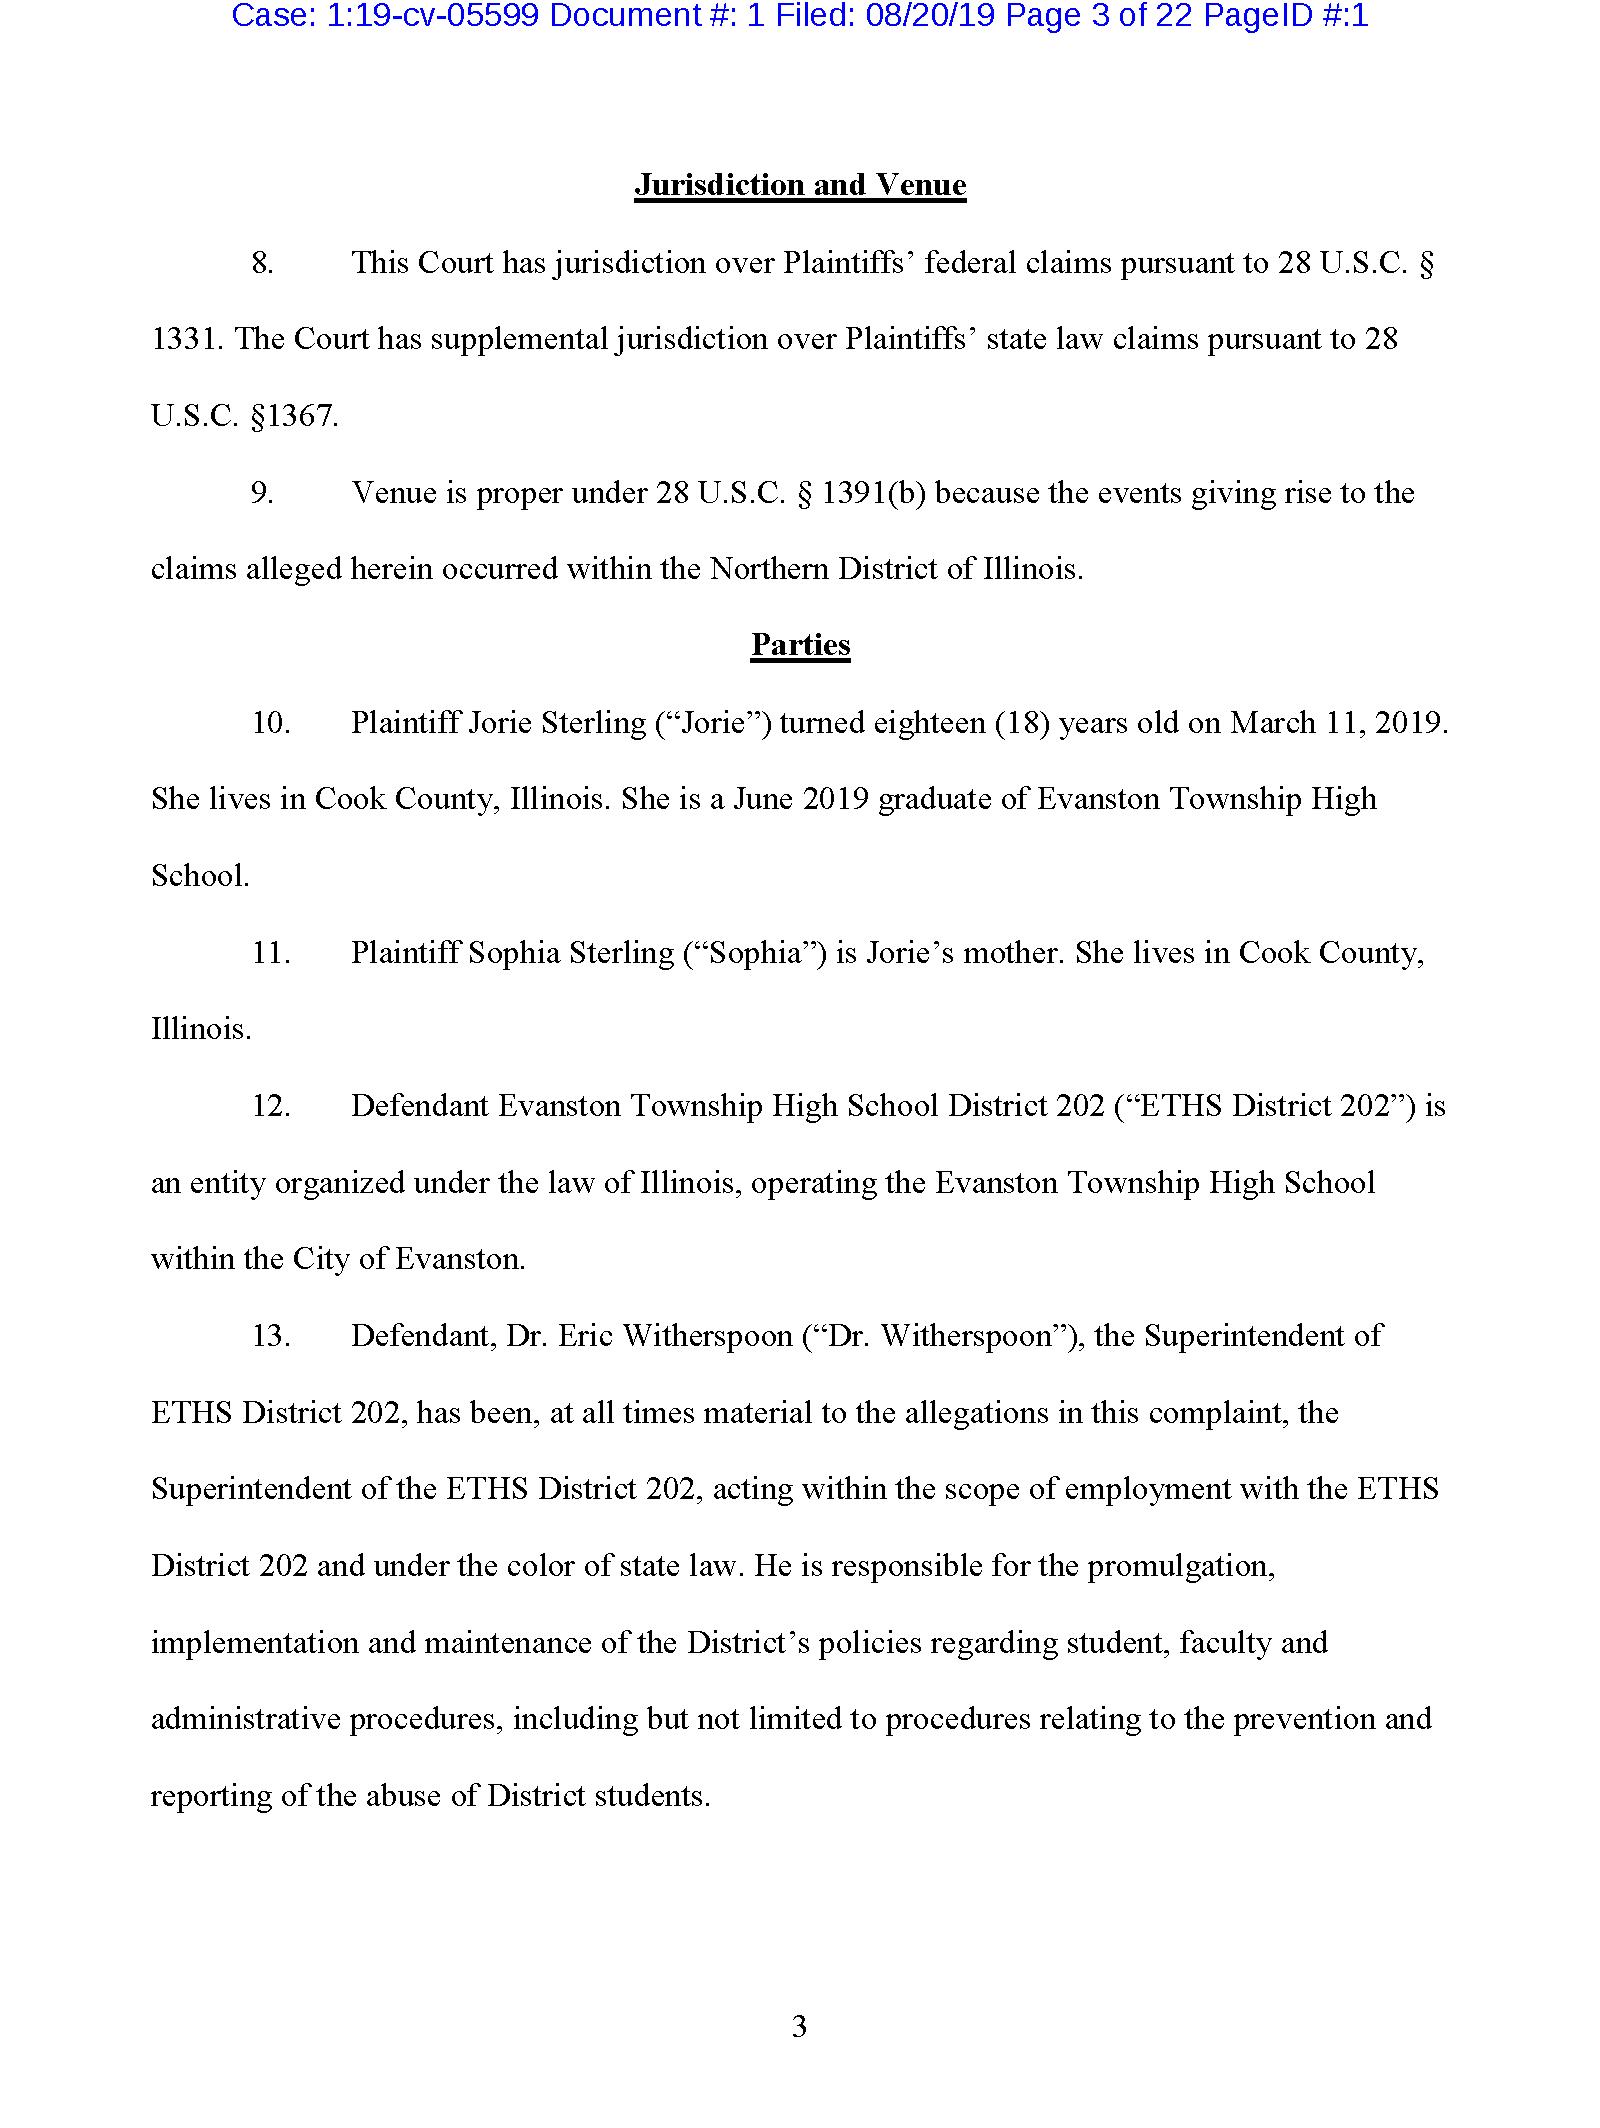 Copy of Complaint0103.png